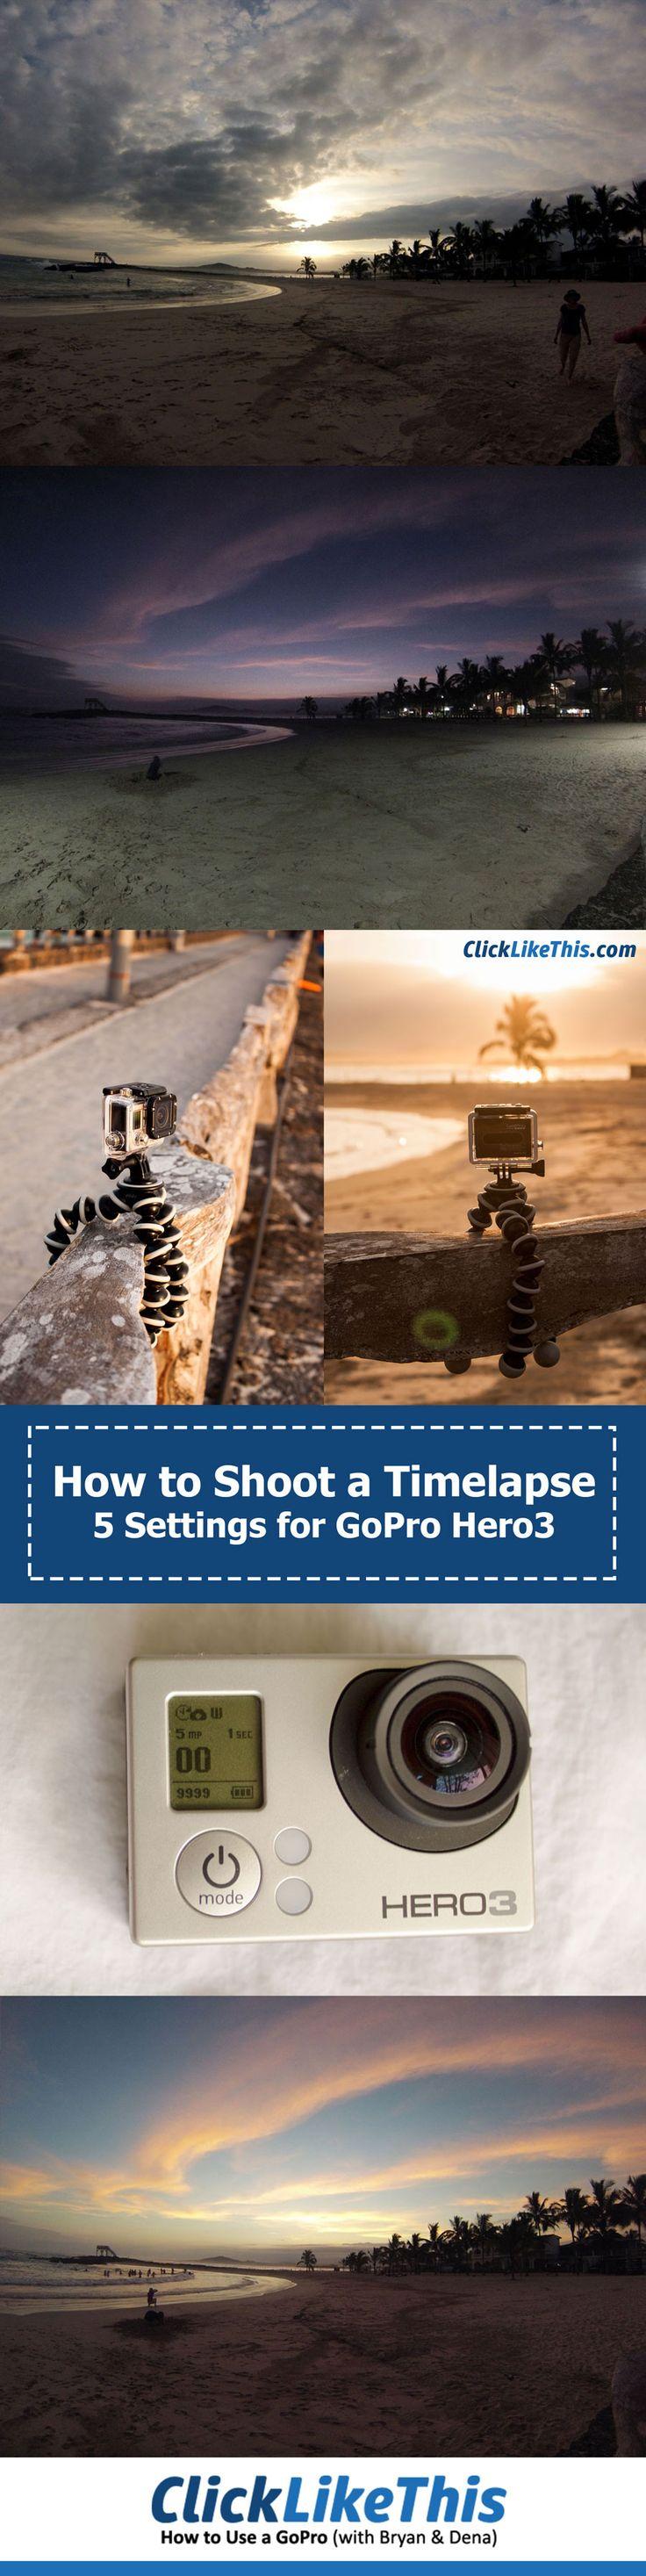 GoPro Hero3 timelapse settings